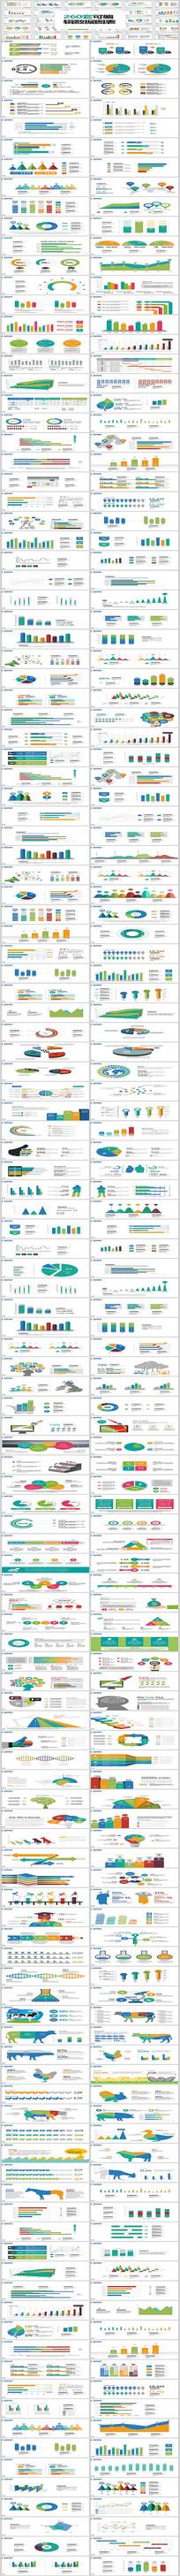 财务数据统计可编辑数据图表PPT